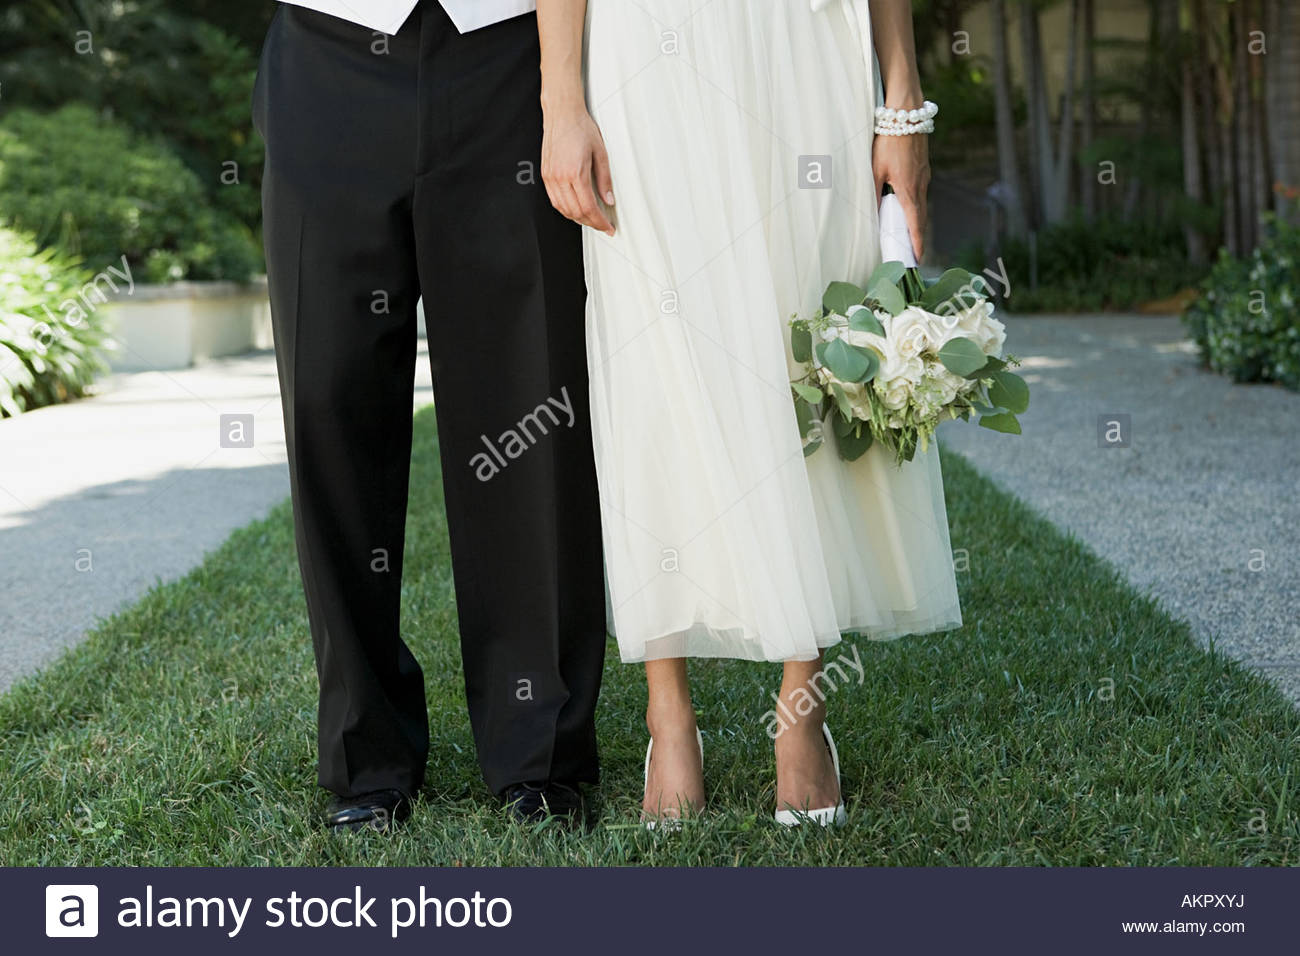 Immagine ritagliata di una sposa e lo sposo Immagini Stock